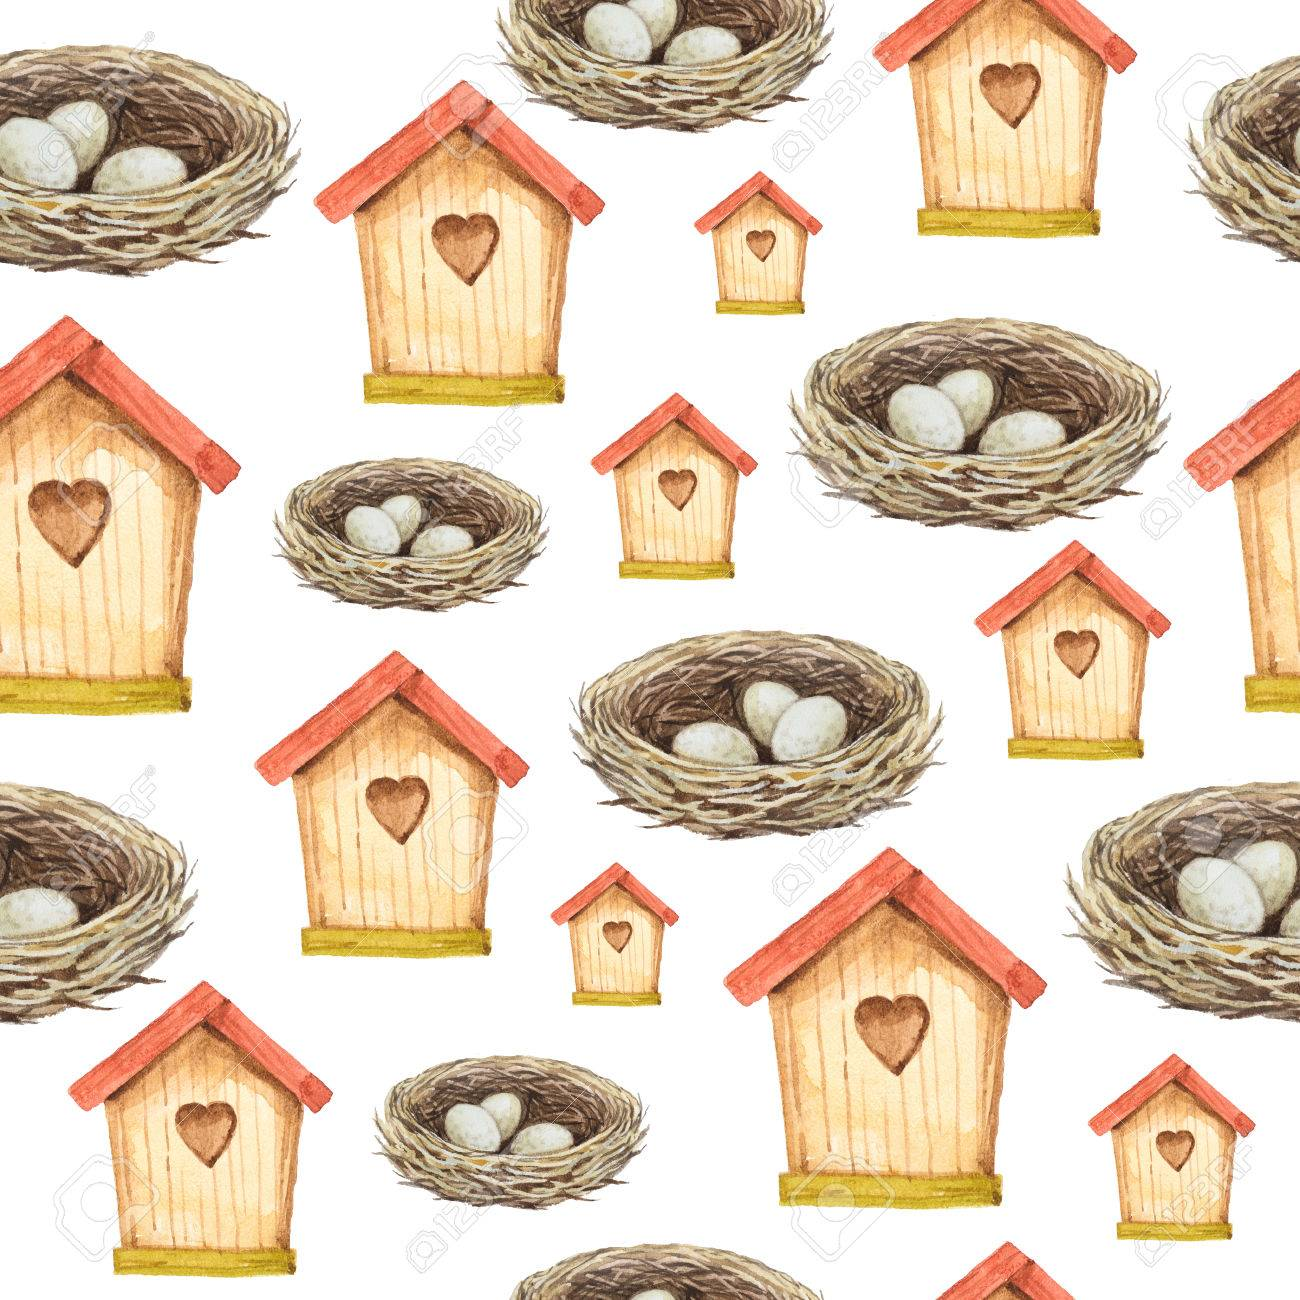 Casa para pájaros y nidos de acuarela patrón transparente. Pintado a mano  ilustración. Foto dae2666e95e